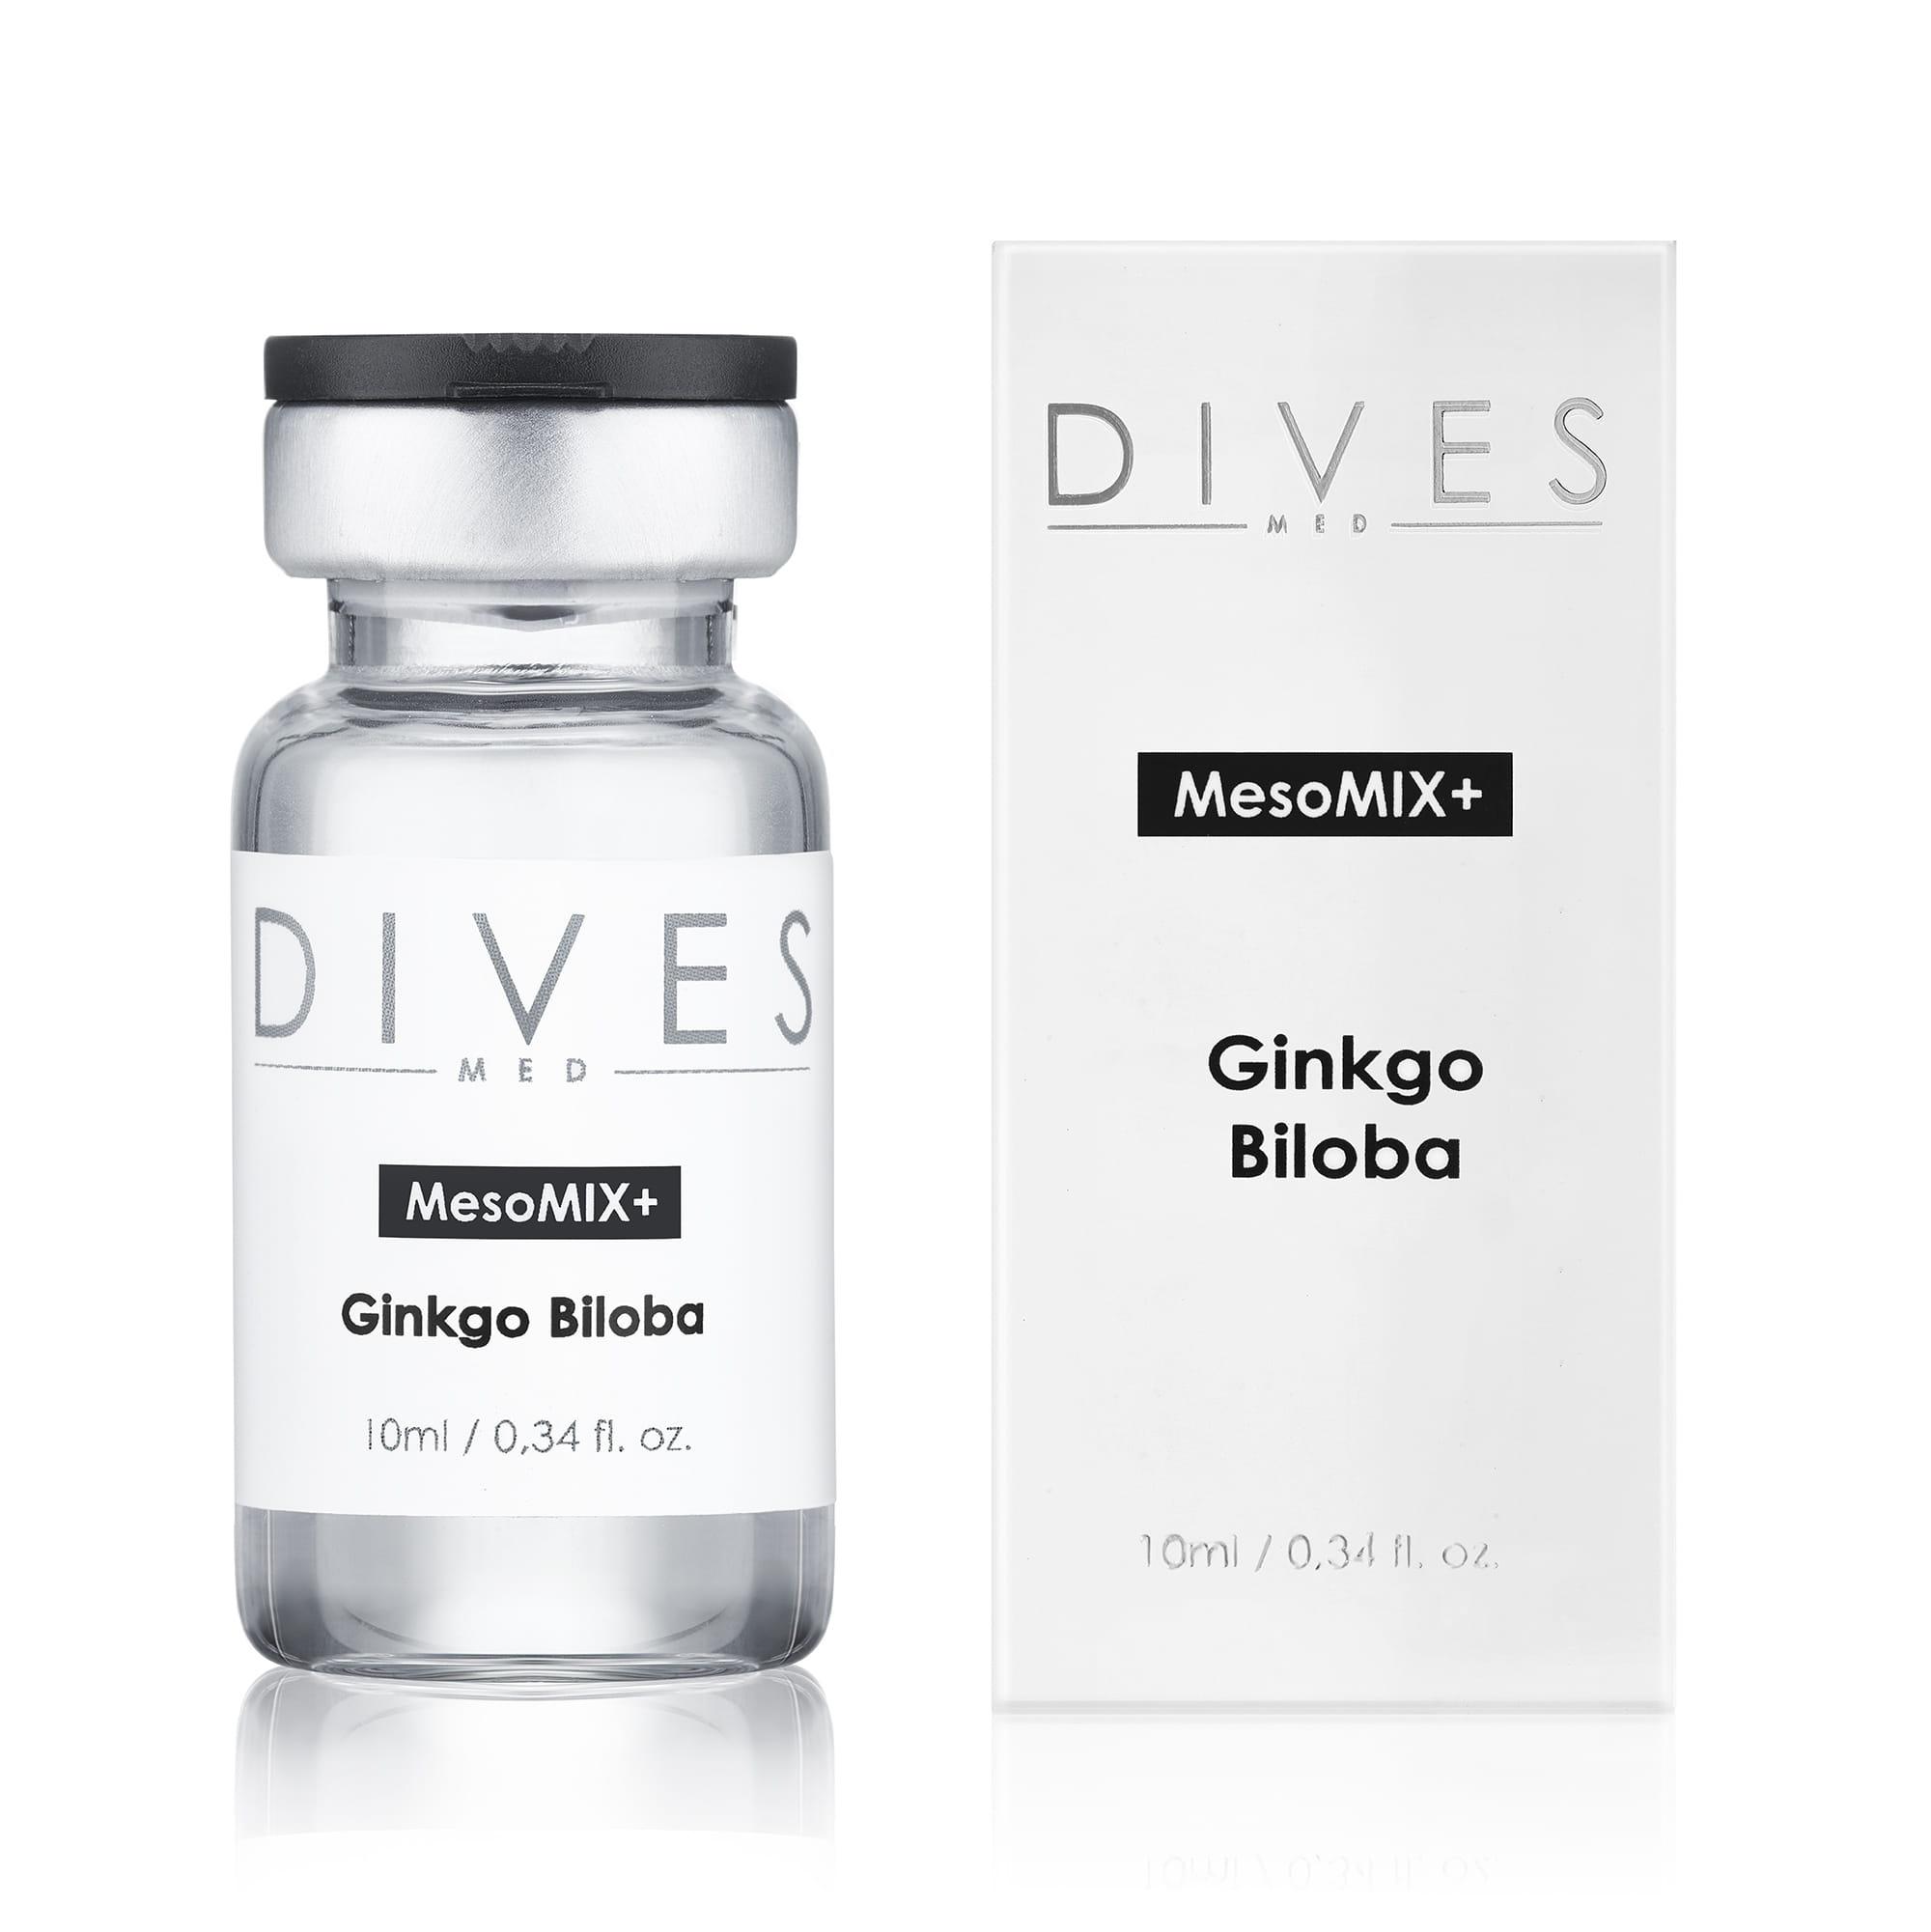 DIVES Med. Ginkgo Biloba 10ml